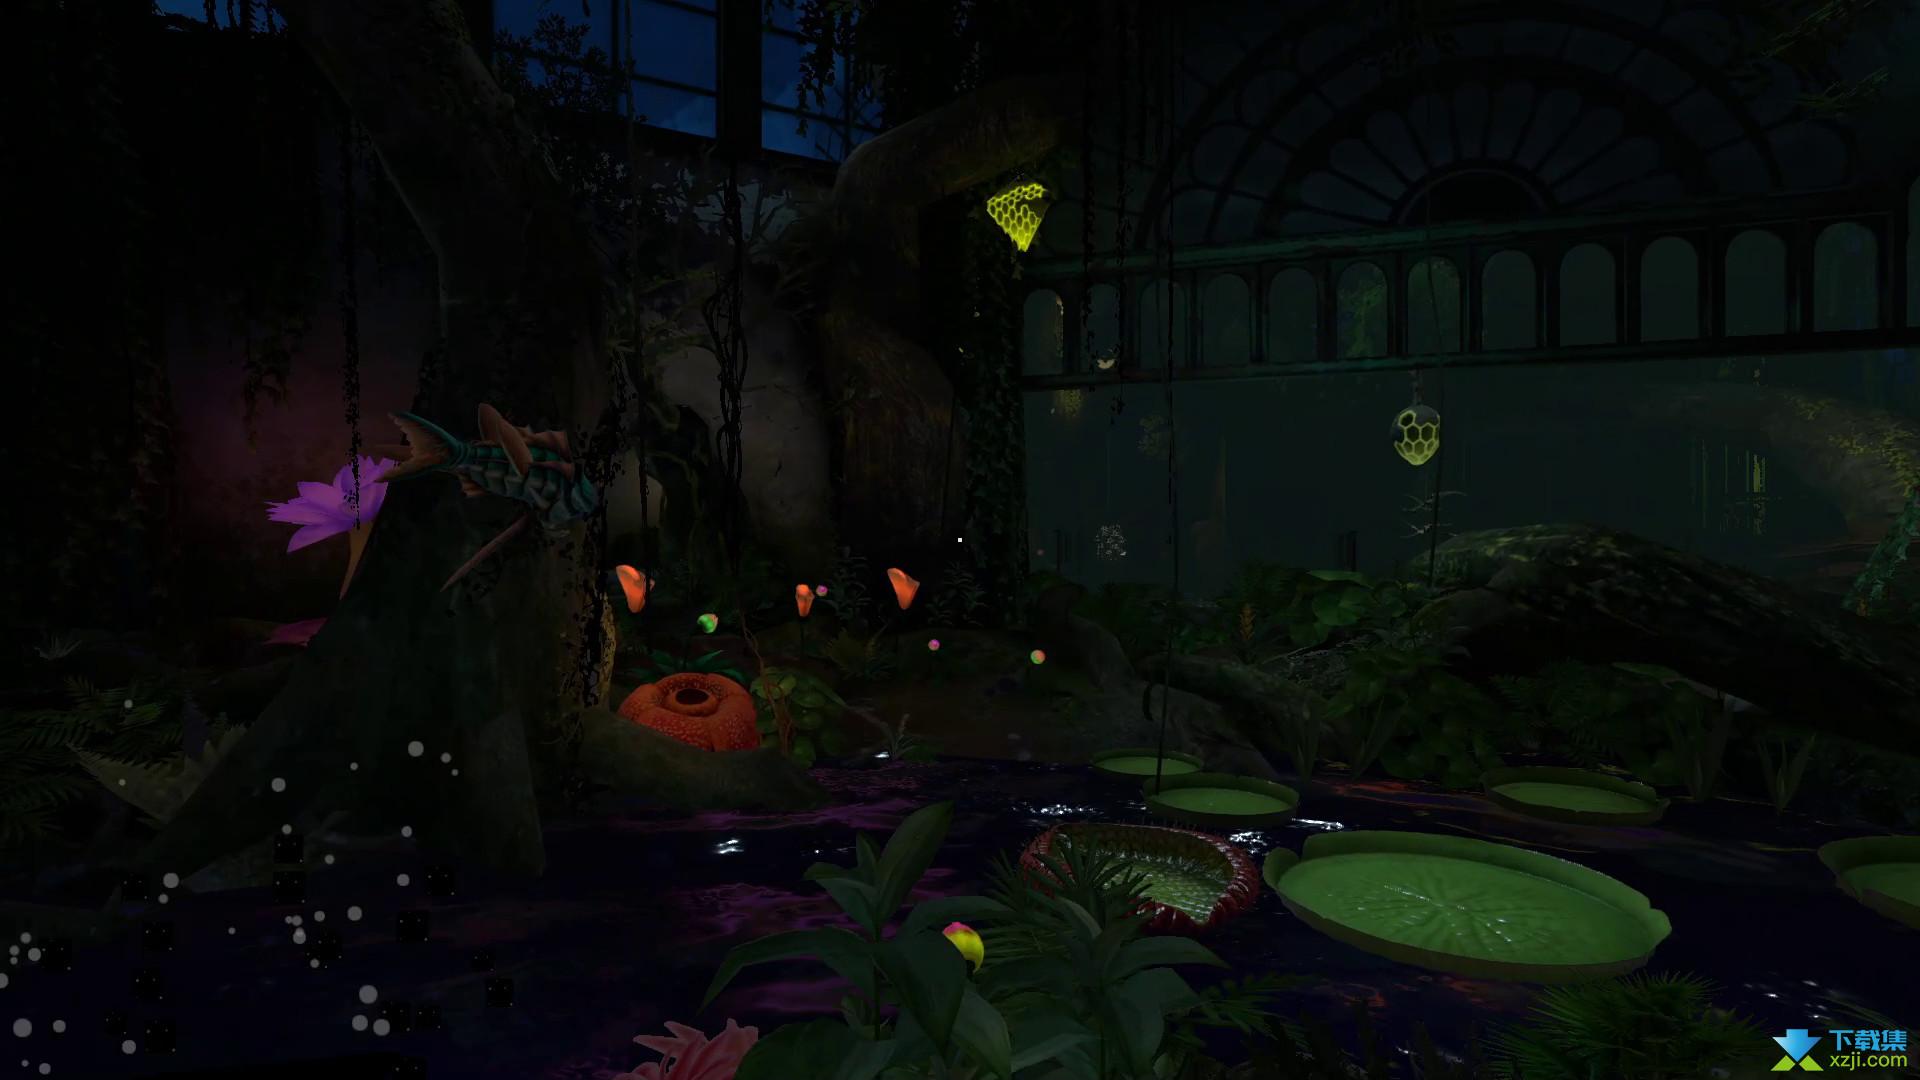 鸡皮疙瘩寂静深夜界面4